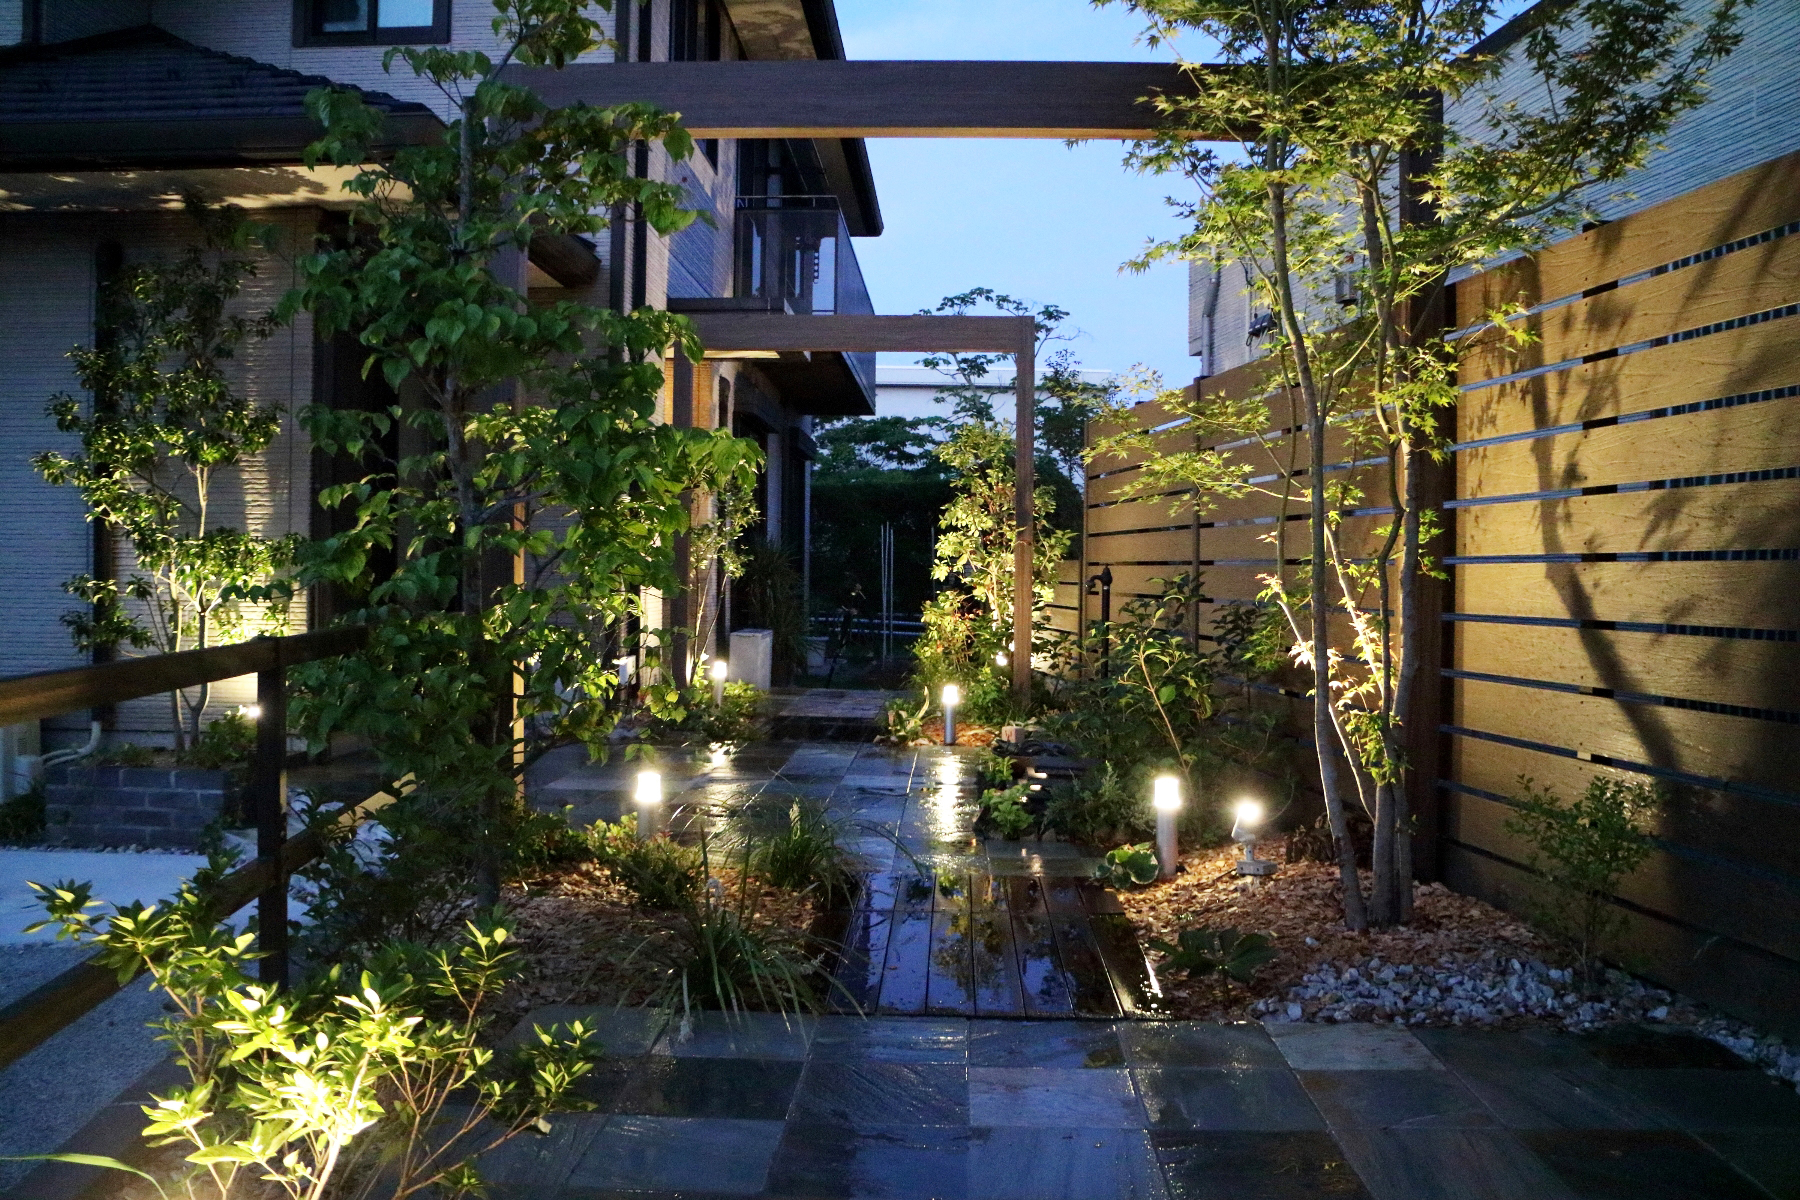 2017 タカショー庭空間施工例コンテスト 住宅エクステリア部門 銀賞ホームヤードルーフを採用。曖昧に見えた空間を天空から引き締め。<br /> <br />